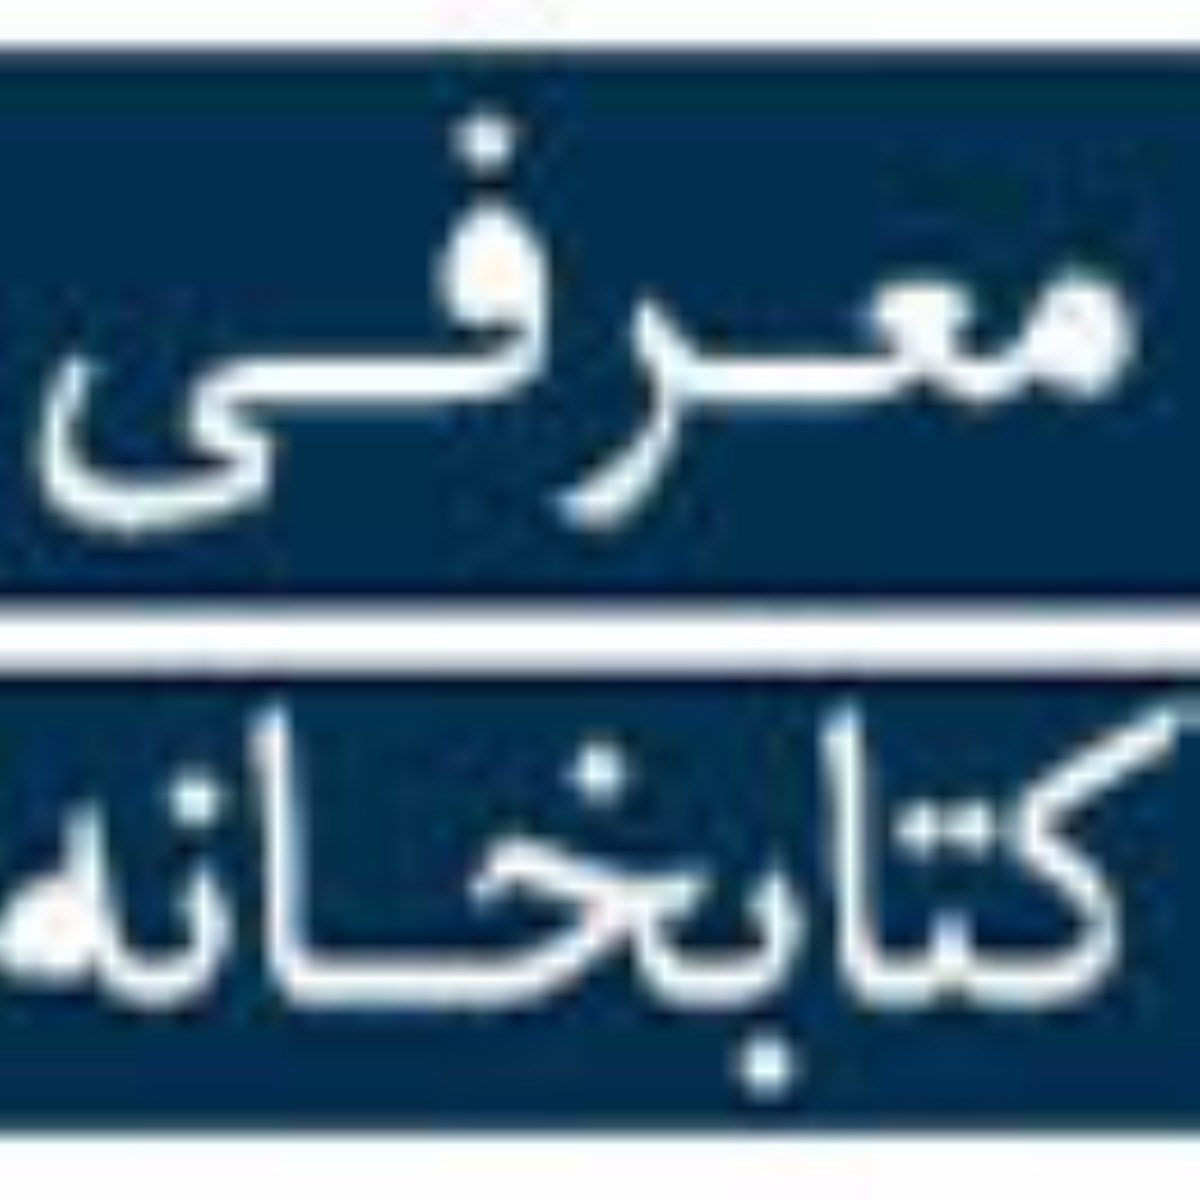 كتابخانه  عمومي  دهخدا (نهاد  كتابخانه  هاي  عمومي  كشور . استان  كرمانشاه)